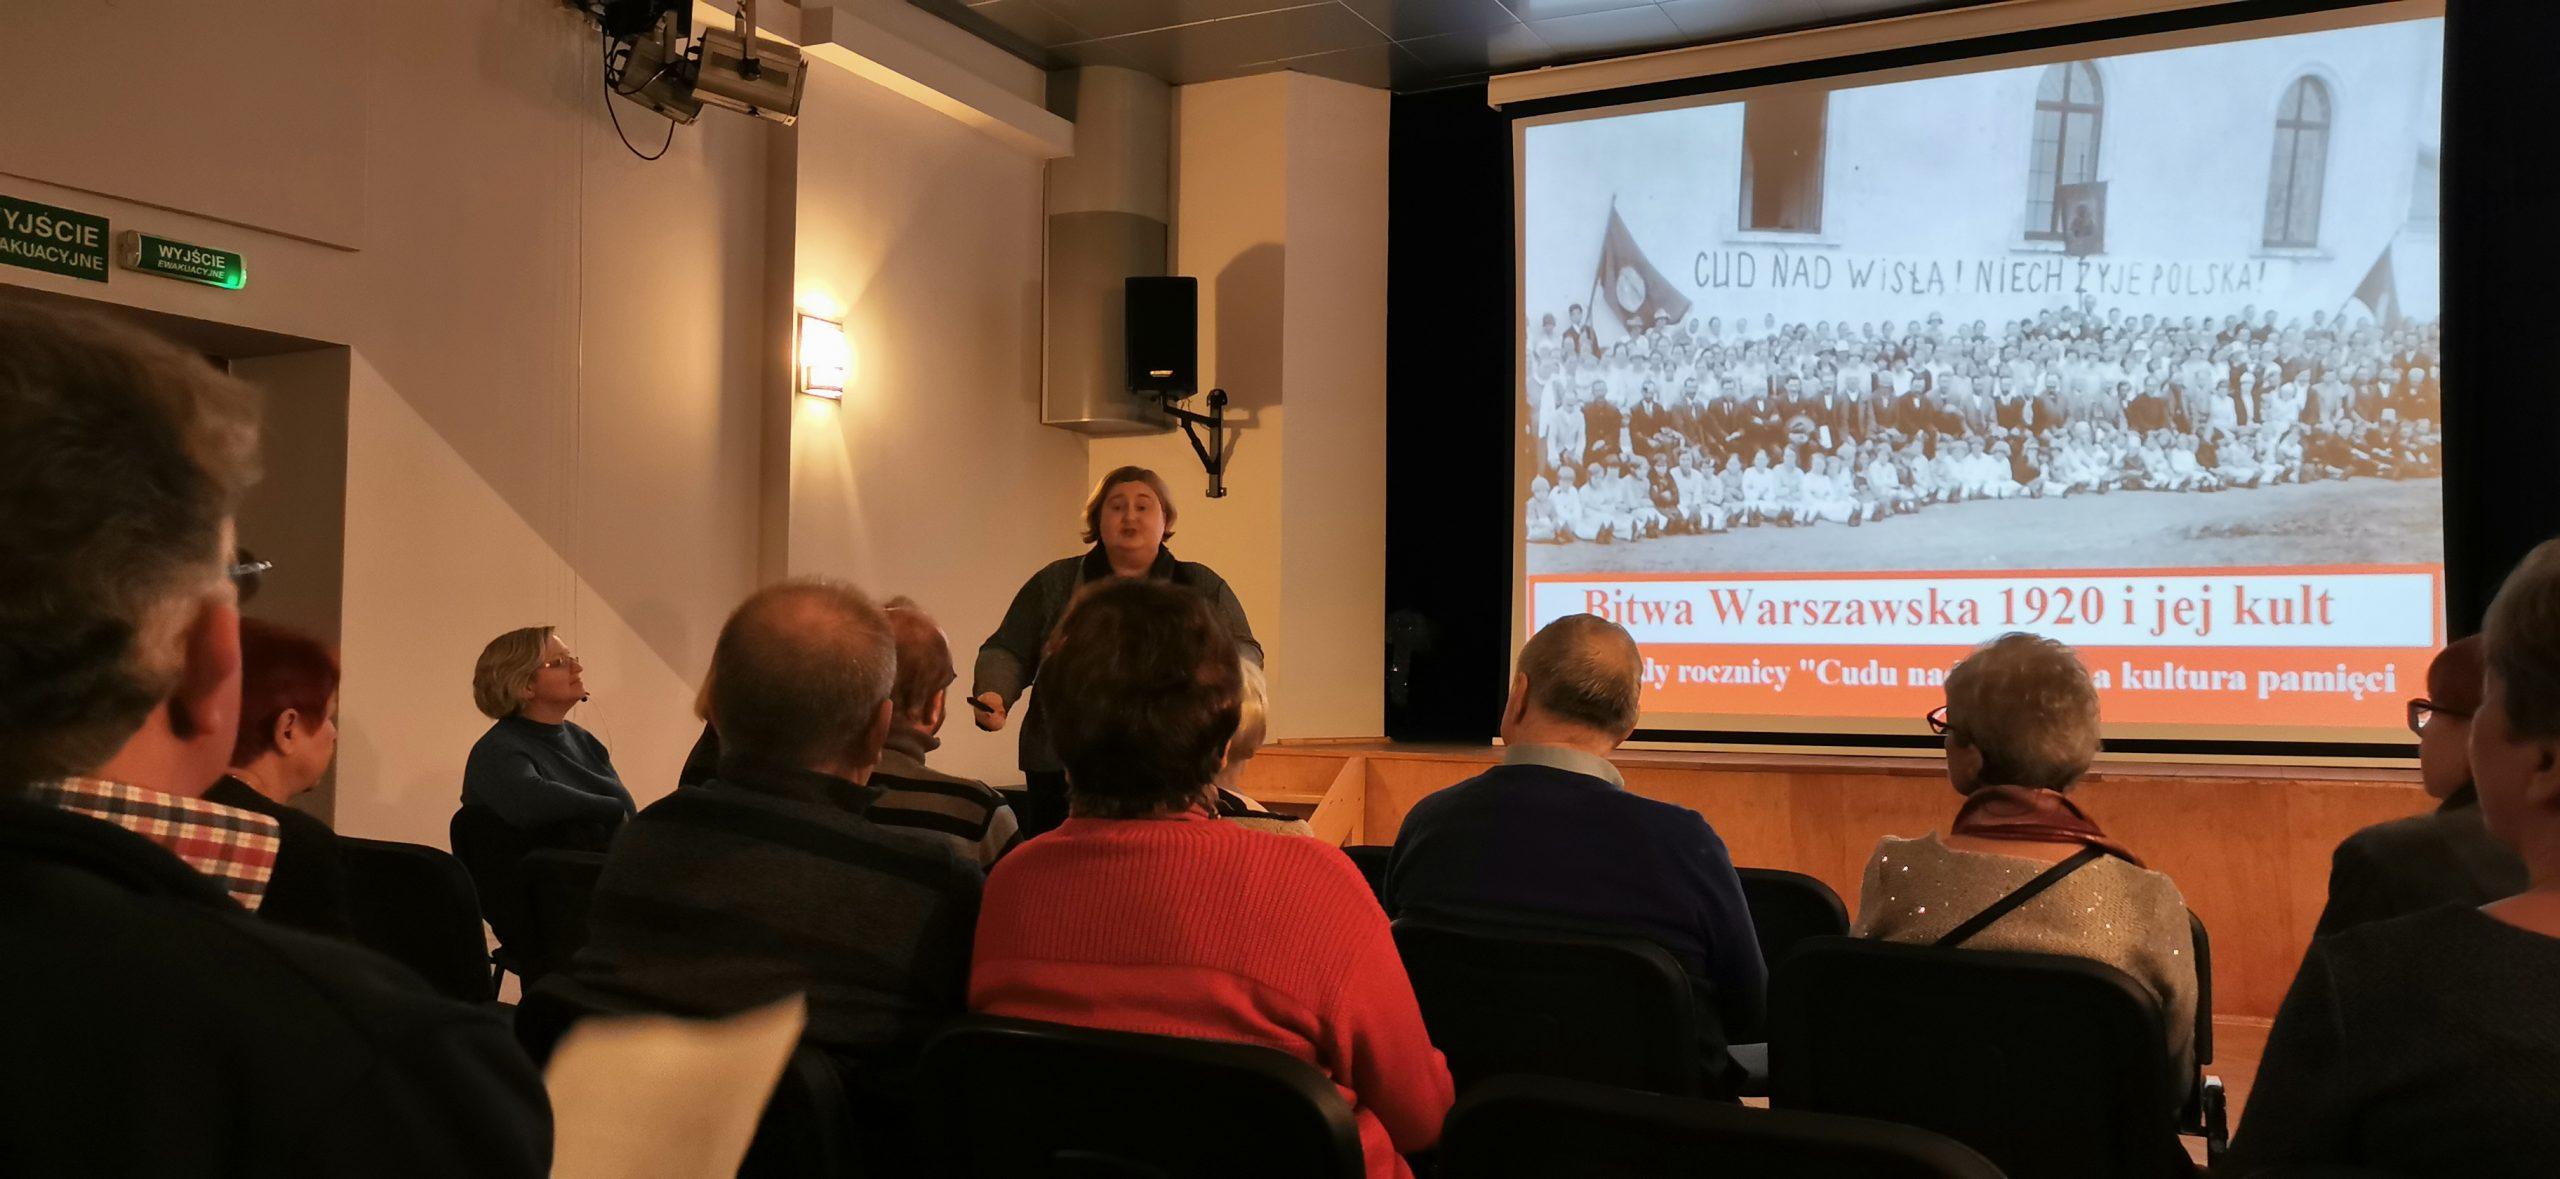 """Wykład p. dr Katarzyny Jarkiewicz: """"Bitwa Warszawska 1920 i jej kult. O obchodach rocznicy """"cudu nad Wisłą"""" i kulturze pamięci"""". – 07.02.20 r."""